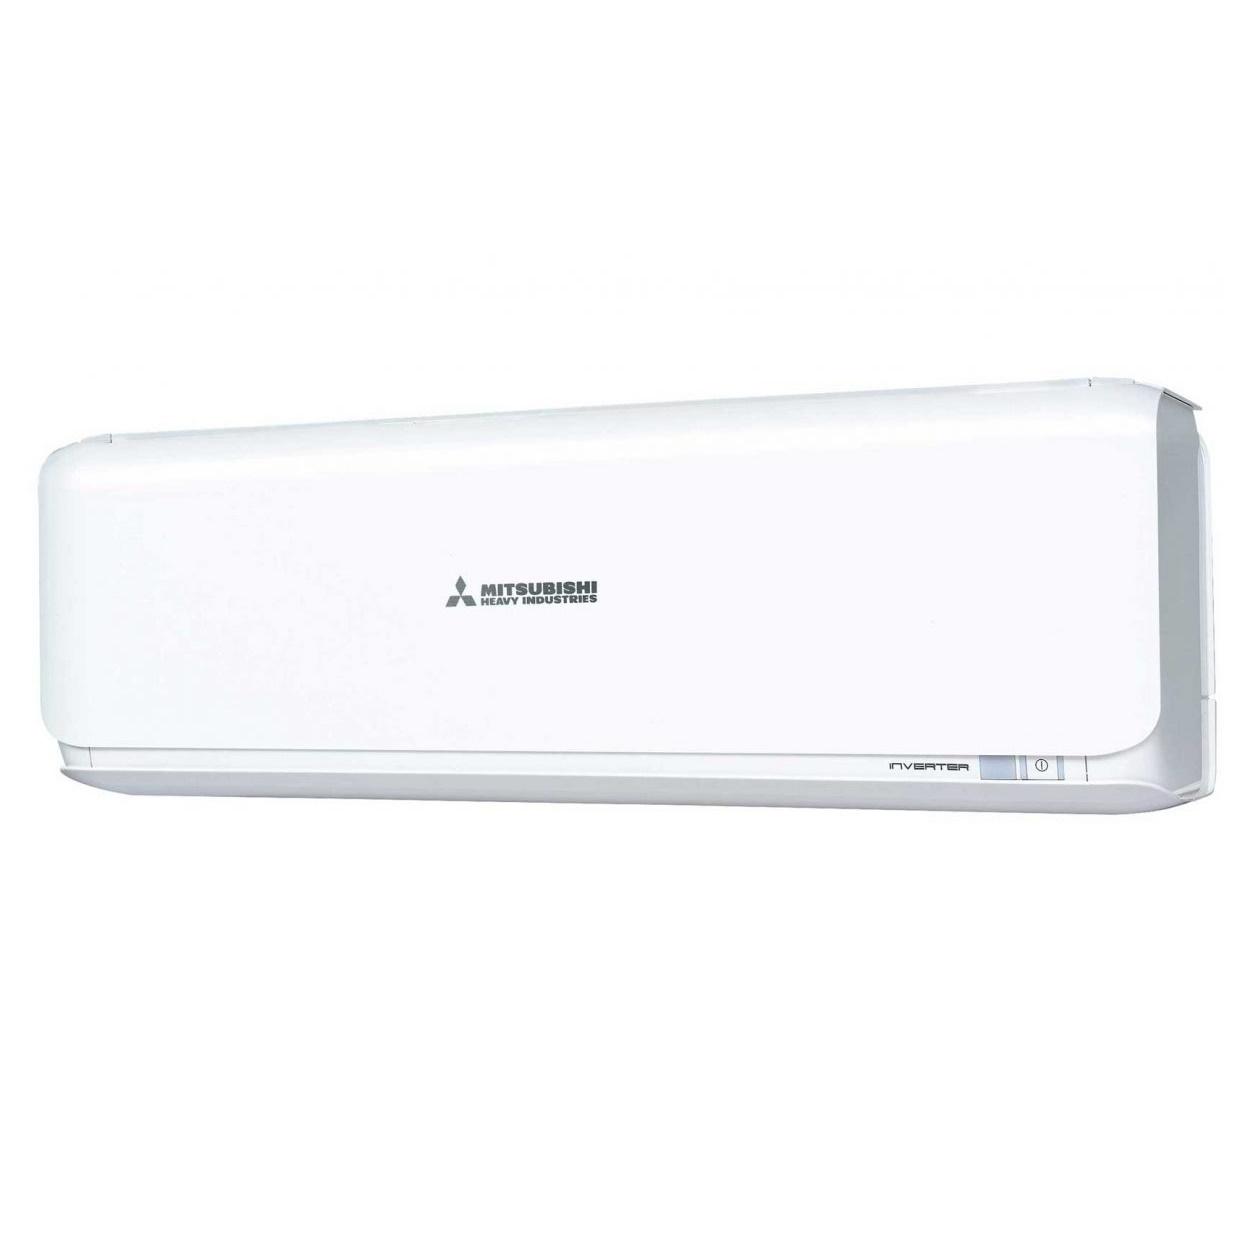 MITSUBISHI inverter klima uređaj SRK50ZS-W/SRC50ZS-W  - Inelektronik